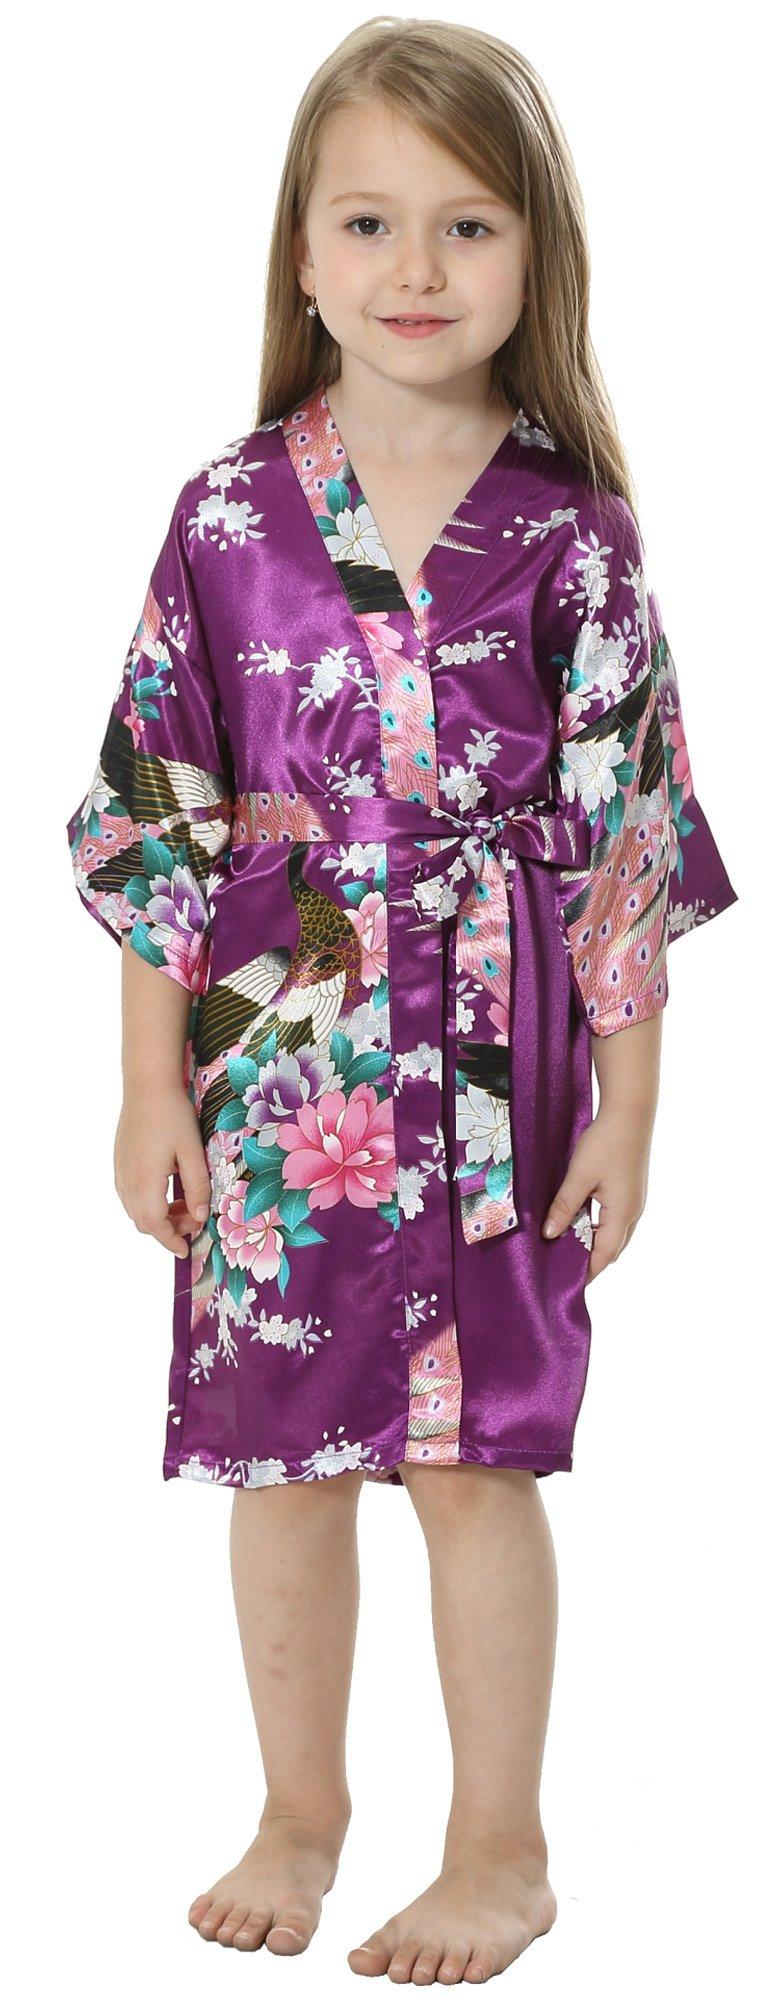 JOYTTON Girls' Satin Kimono Robe for Spa Party Wedding Birthday (14,Dark Purple)